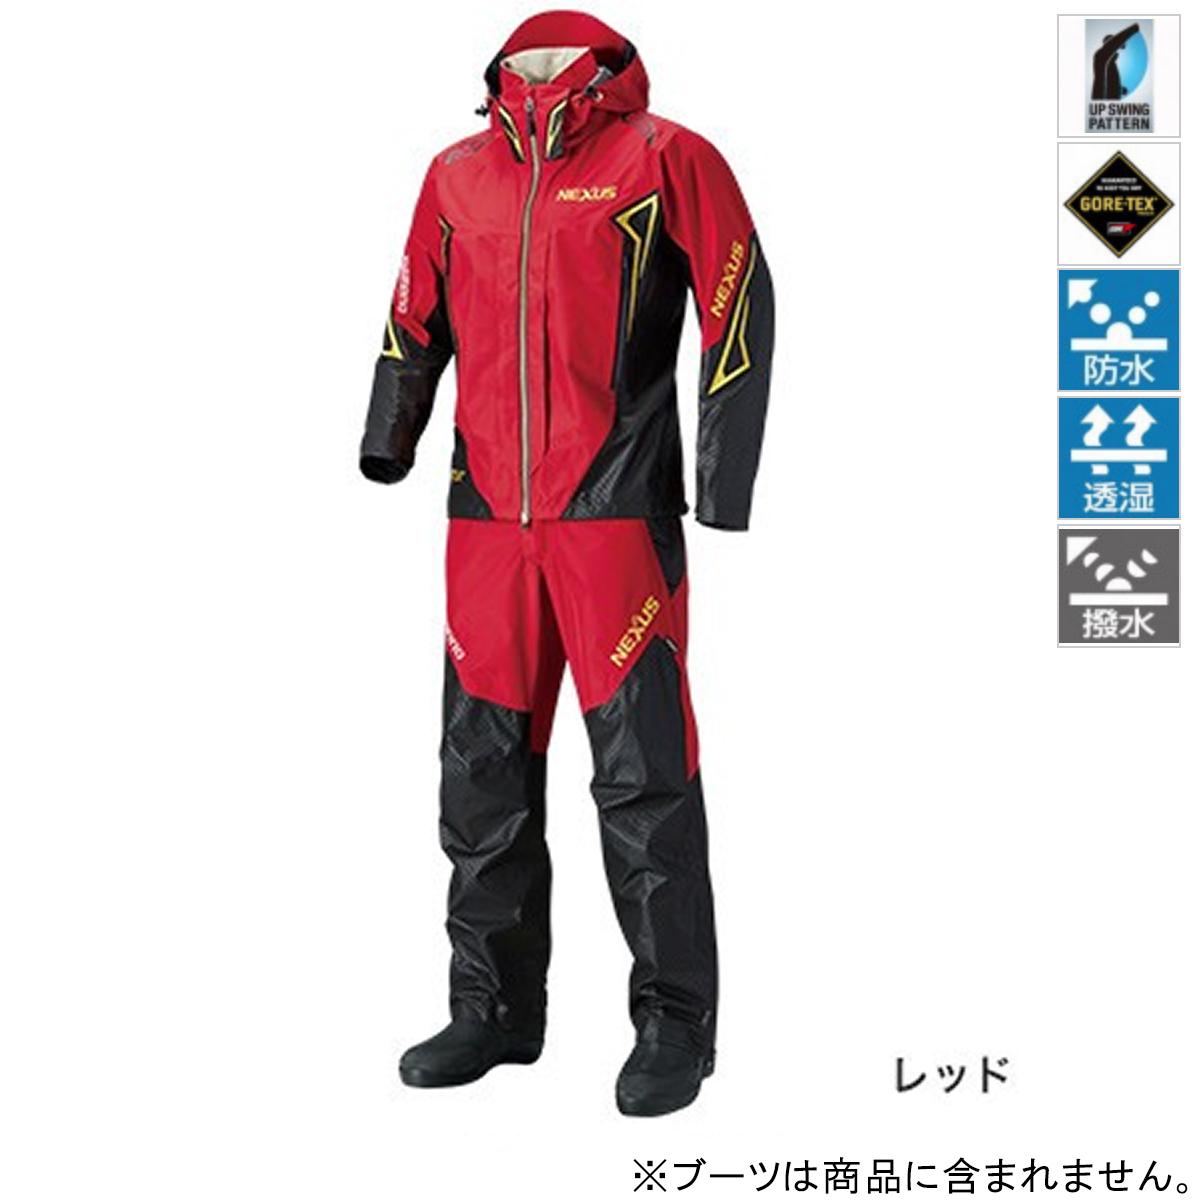 シマノ NEXUS GORE-TEX レインスーツ EX RA-119R XL レッド(東日本店)